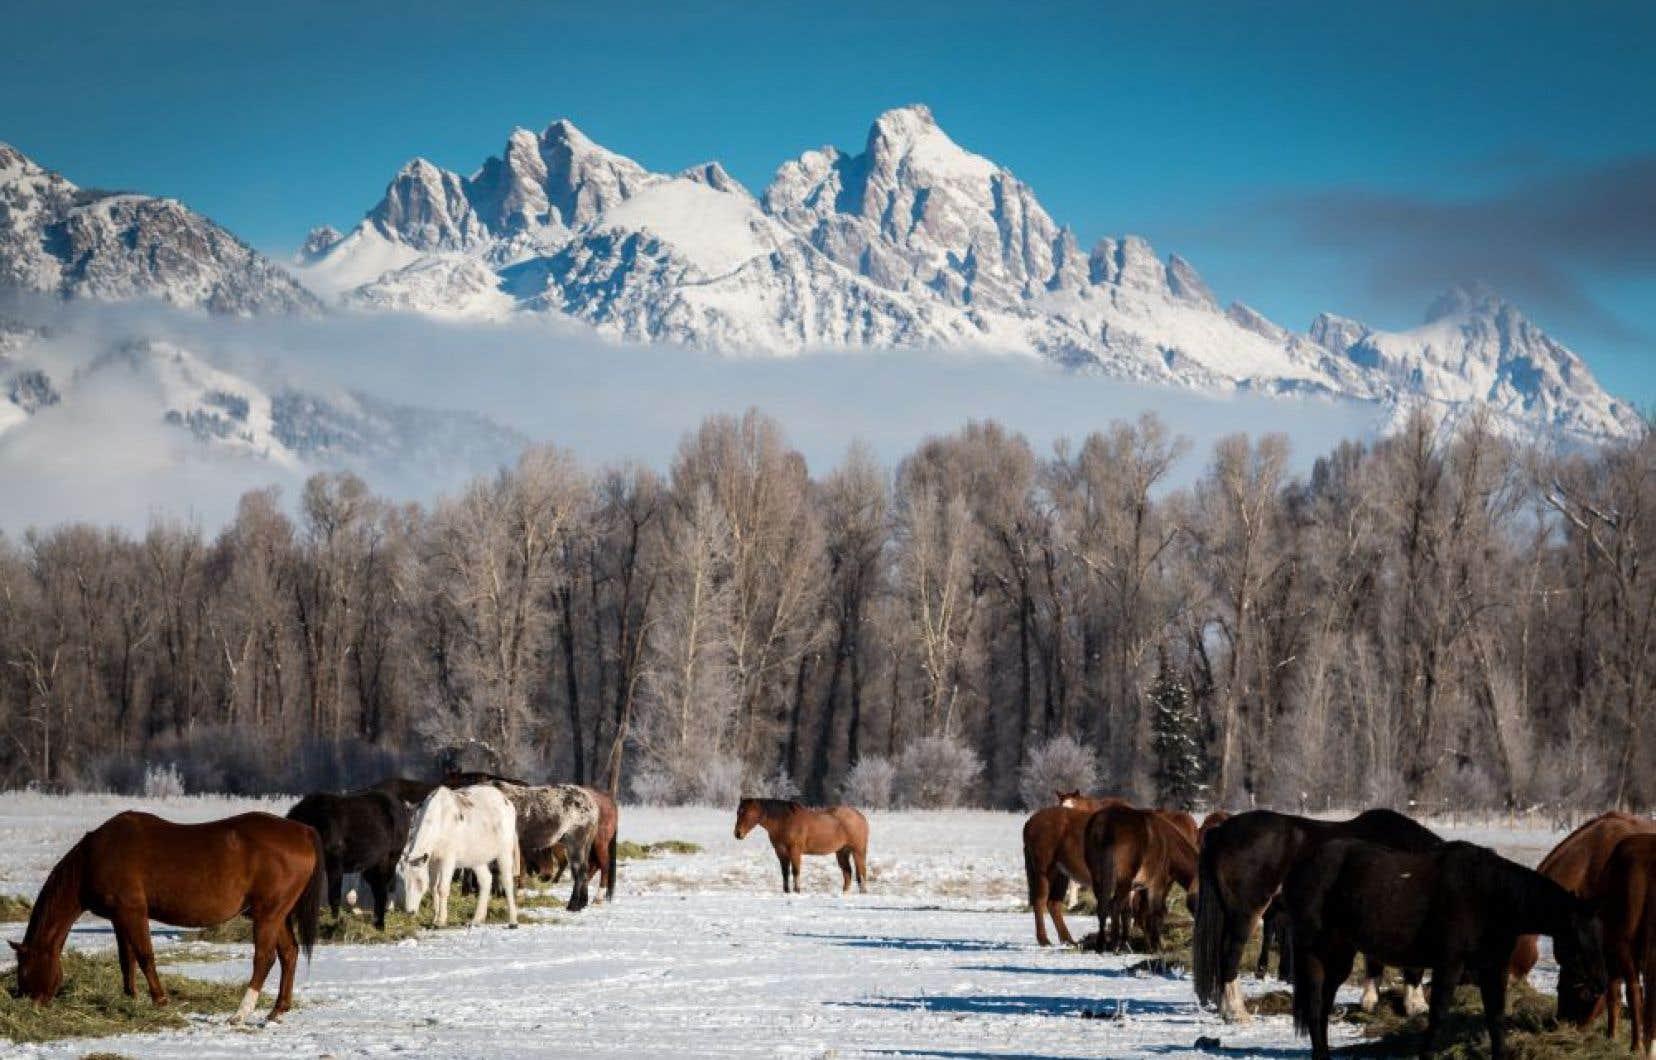 L'impressionnant massif montagneux du Grand Teton National Park, voisin immédiat de Jackson Hole.